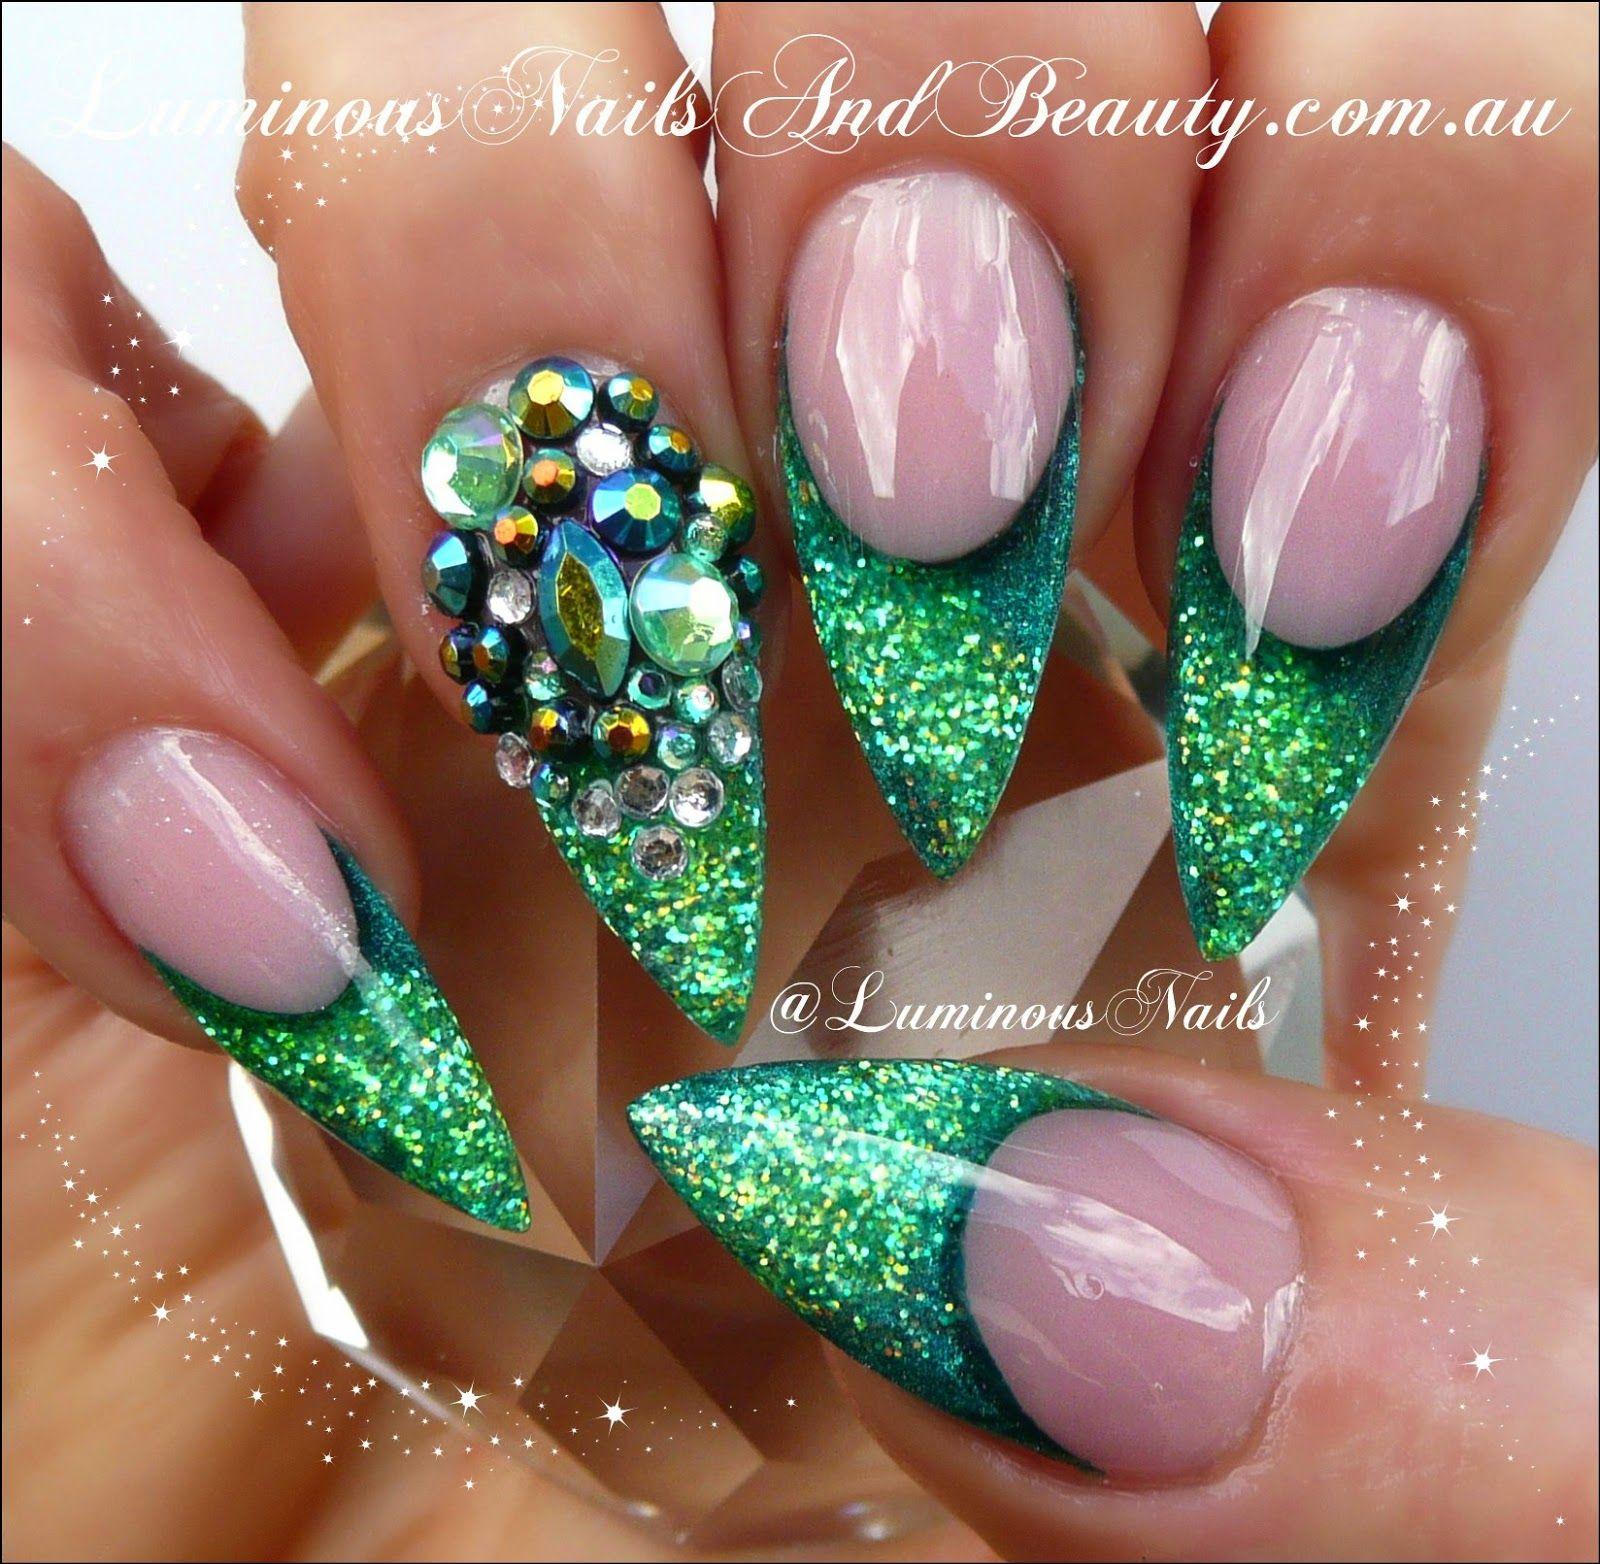 Luminous+Nails+&+Beauty,+Gold+Coast+Queensland.+Emerald+Green+Nails ...